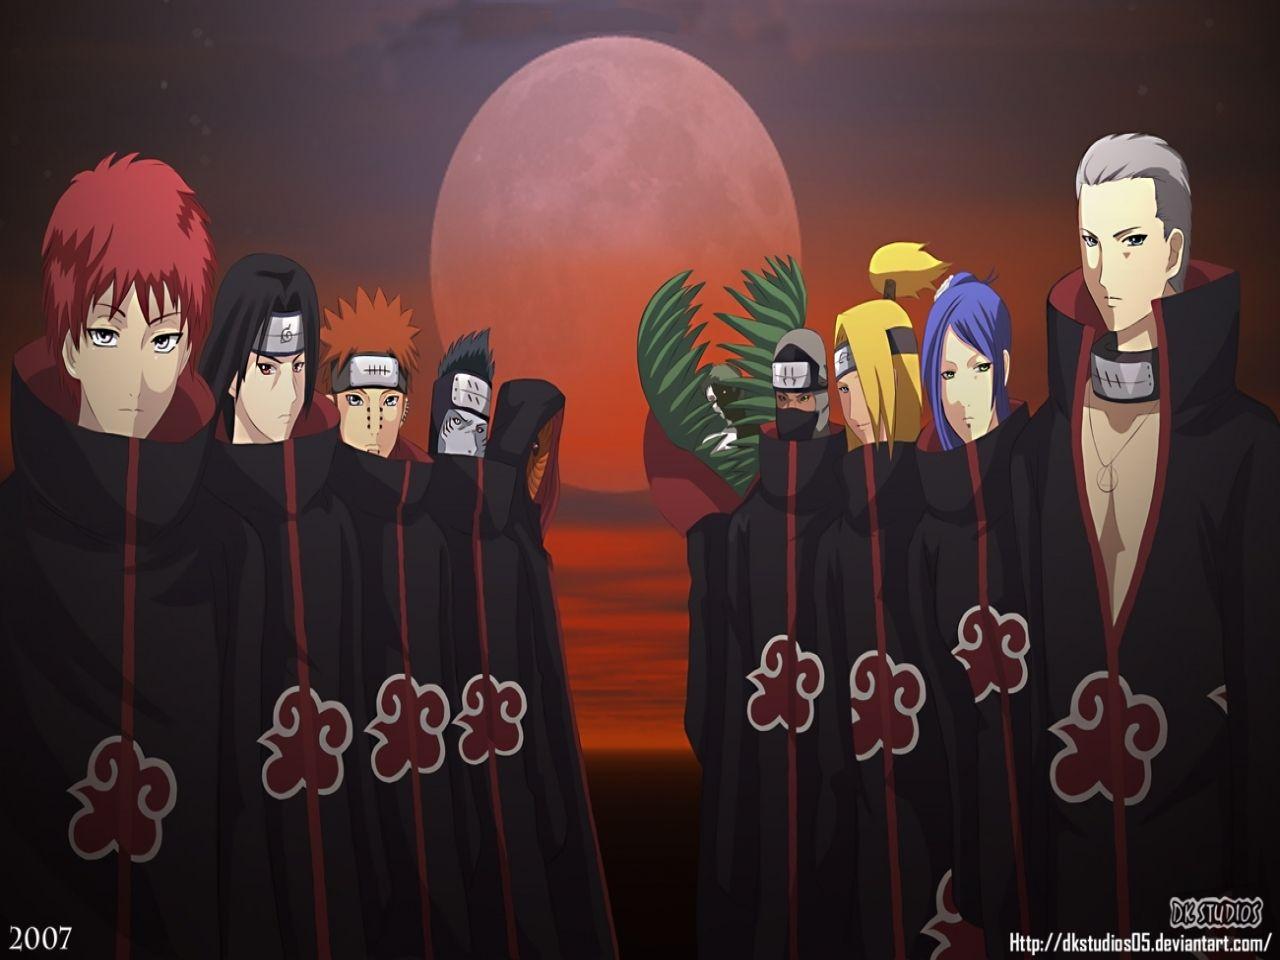 Cool Wallpaper Naruto Red - a0e9eab5512689ead40391224a535a7e  Trends_665014.jpg